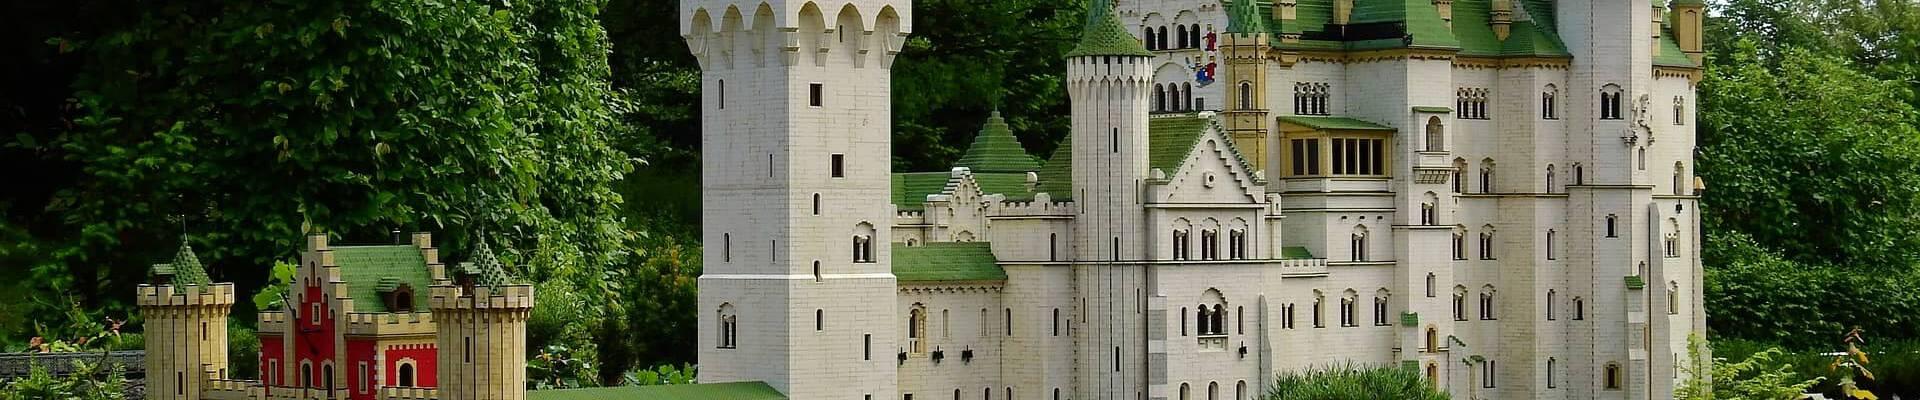 abonnement T-Bric kasteel in de buitenlucht